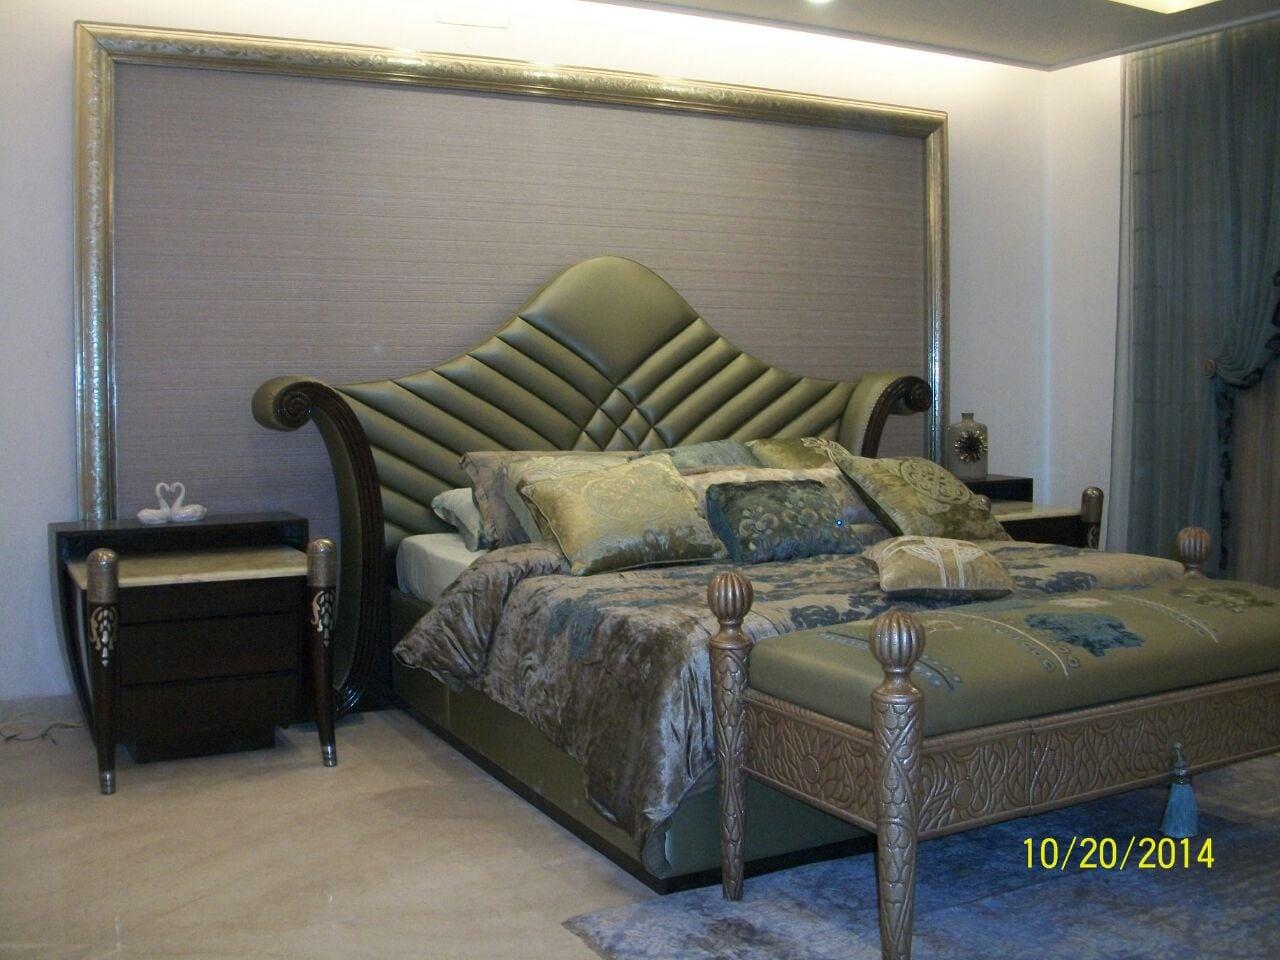 Royal Bed In Bedroom by Khayati Bedroom Contemporary | Interior Design Photos & Ideas